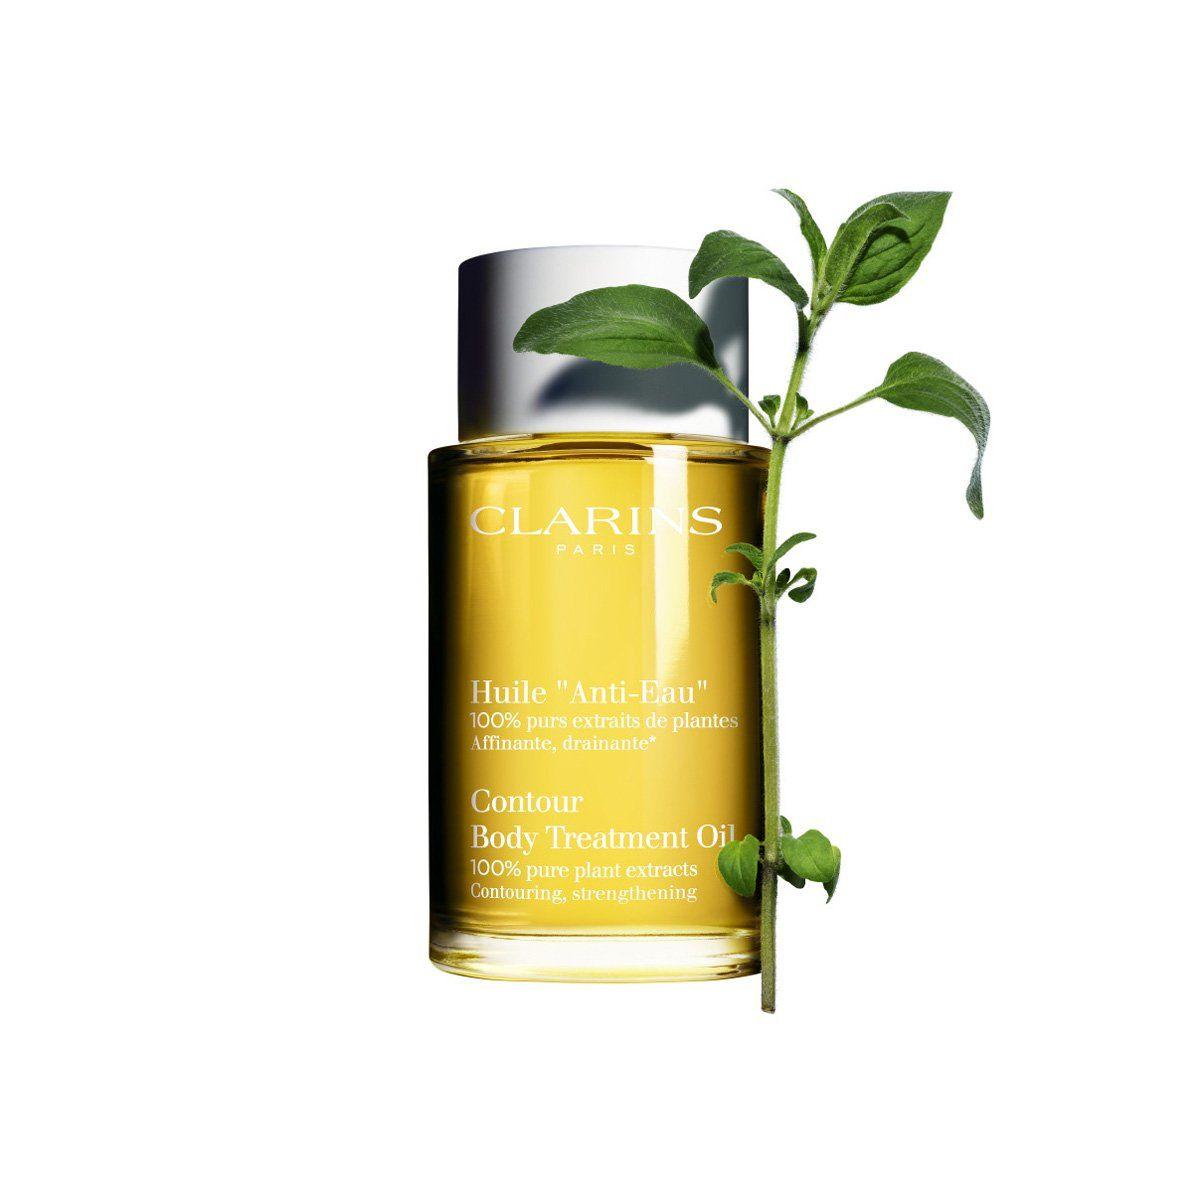 Aceite de tratamiento corporal elaborado al 100% con extractos de plantas de Clarins.